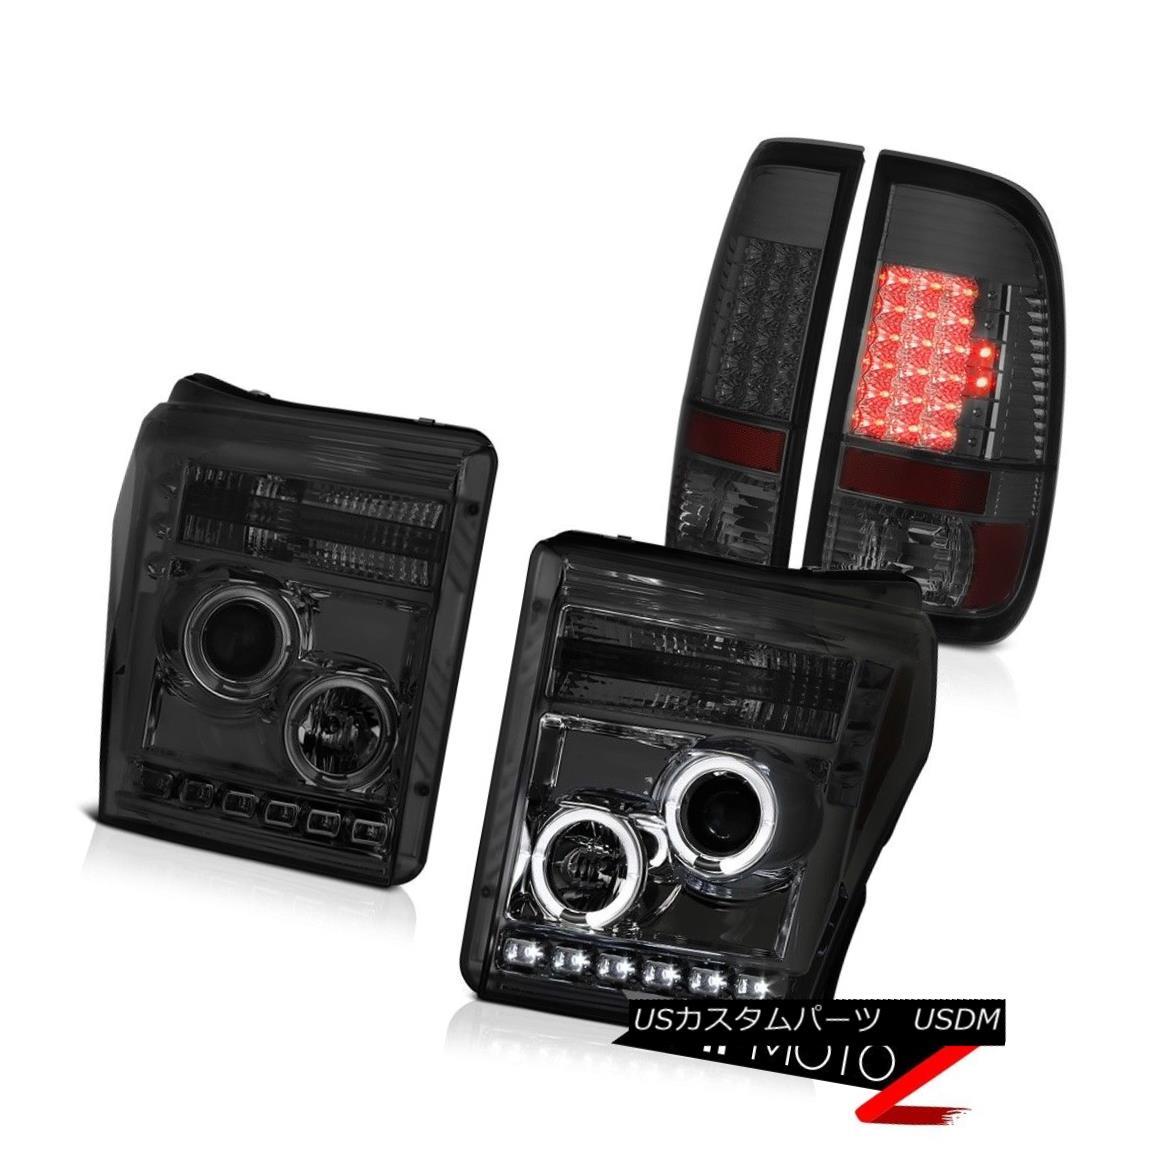 テールライト 11 12 13 14 15 16 F250 Xlt Smokey Parking Brake Lights Projector Headlamps LED 11 12 13 14 15 16 F250 Xltスモーキー駐車ブレーキライトプロジェクターヘッドランプLED